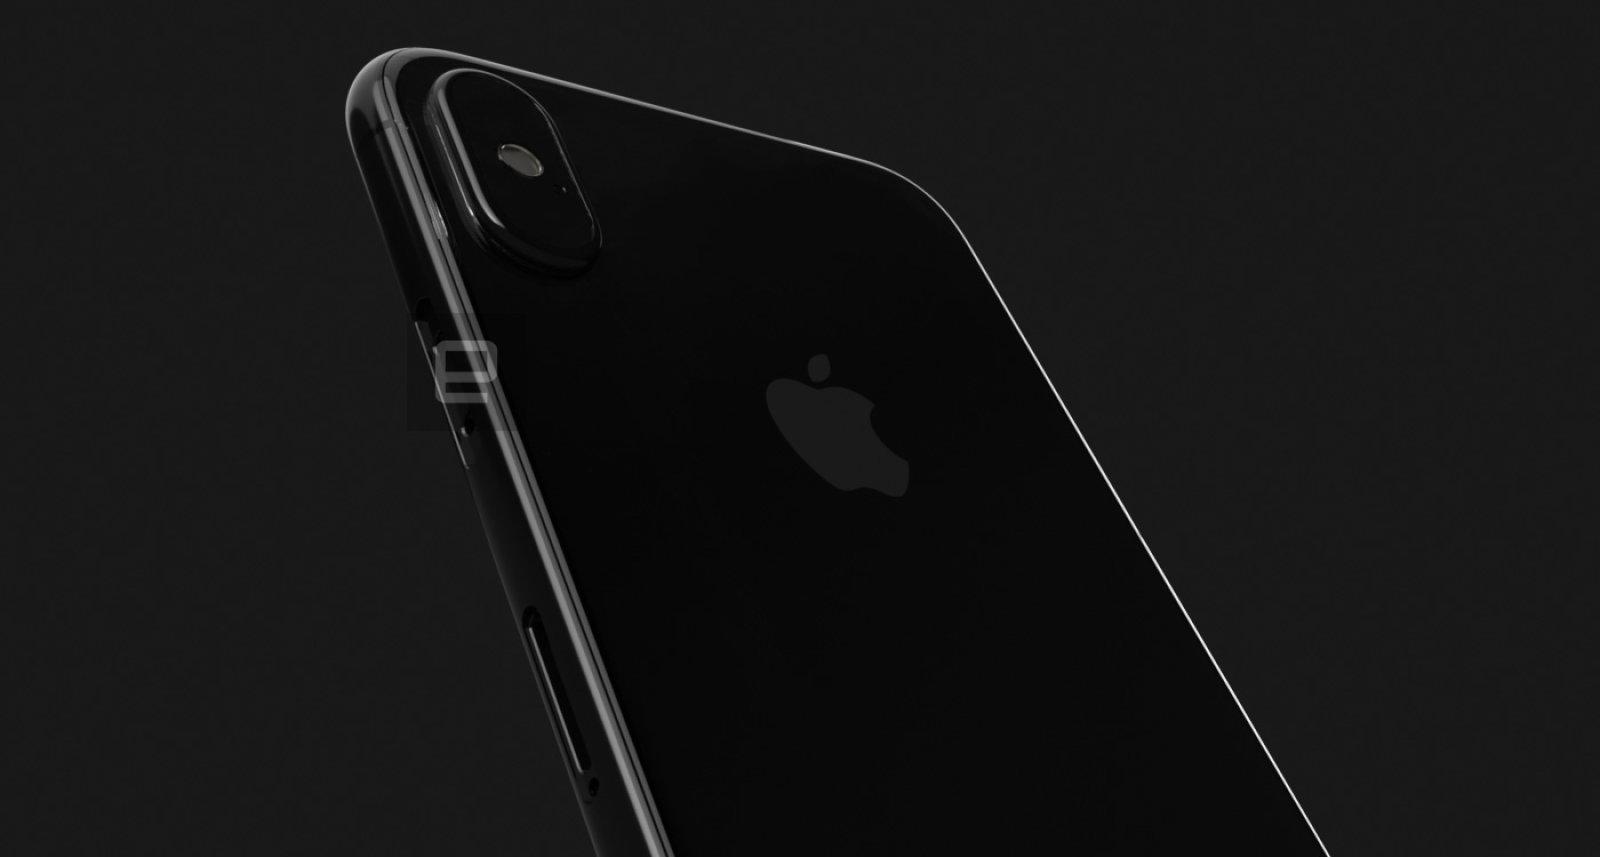 ¿Sabes qué va a presentar hoy Apple? Vota en nuestra encuesta